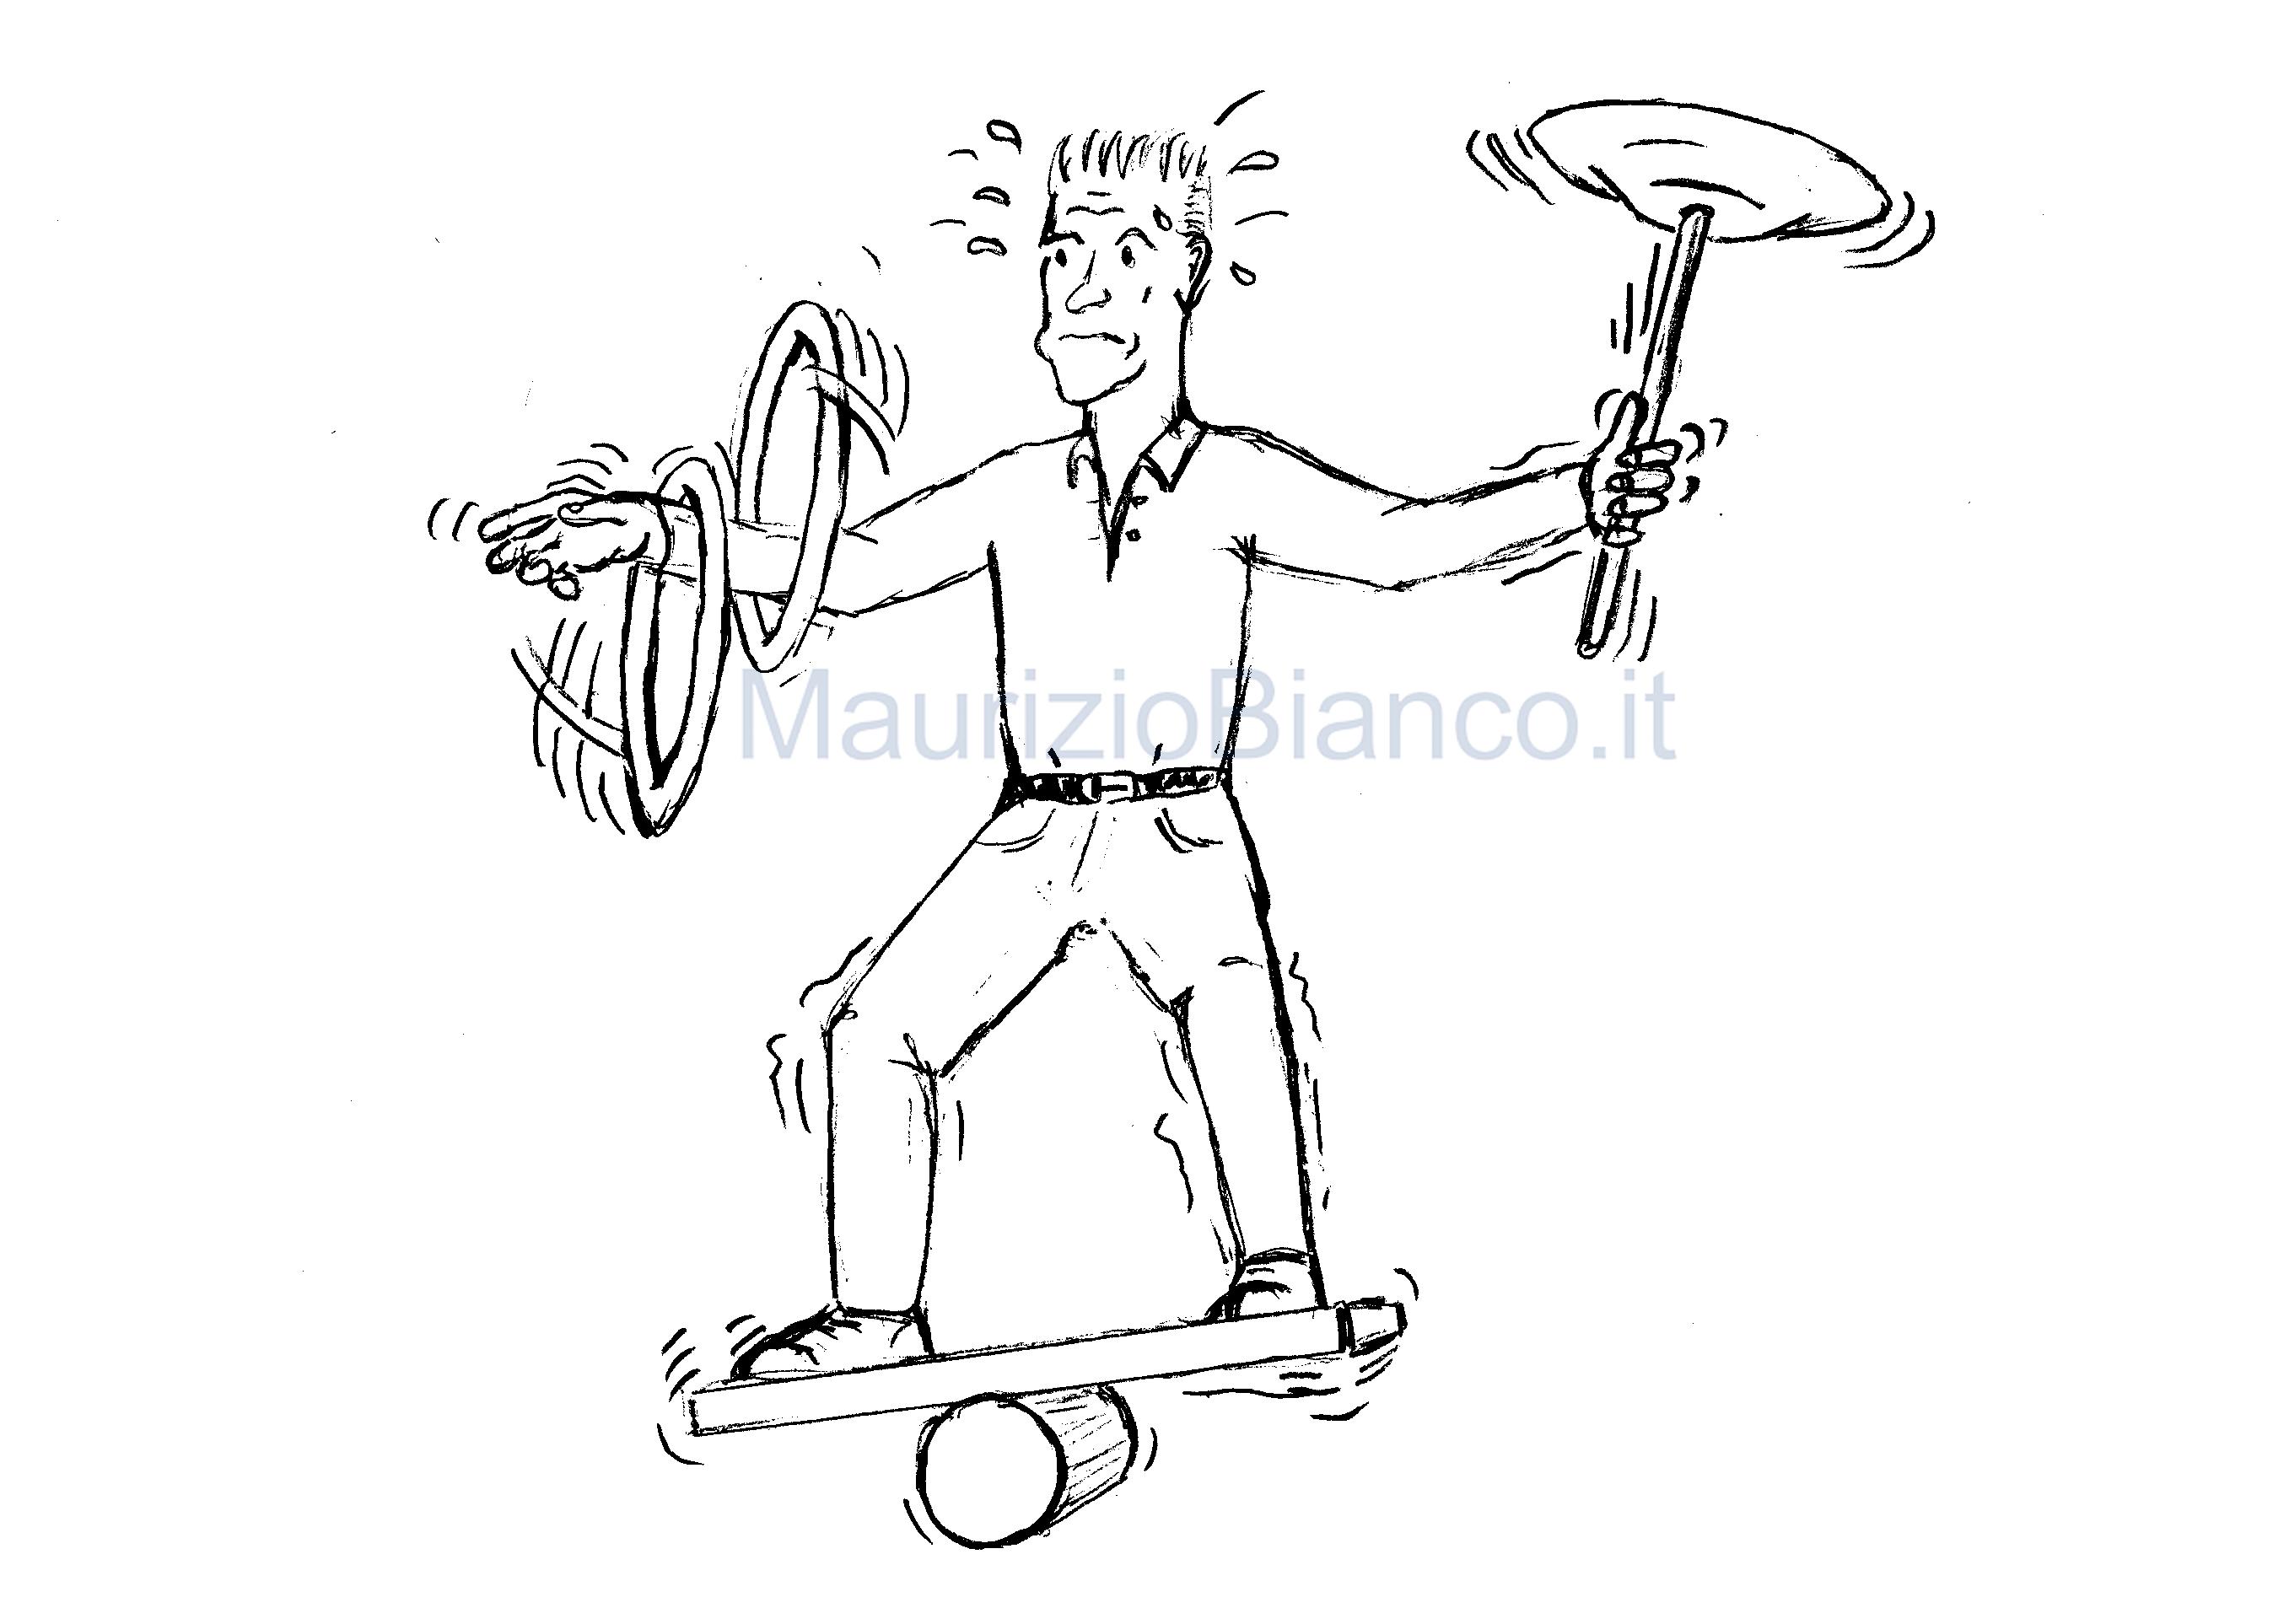 Economico-patrimoniale-finanziario-3-equilibri